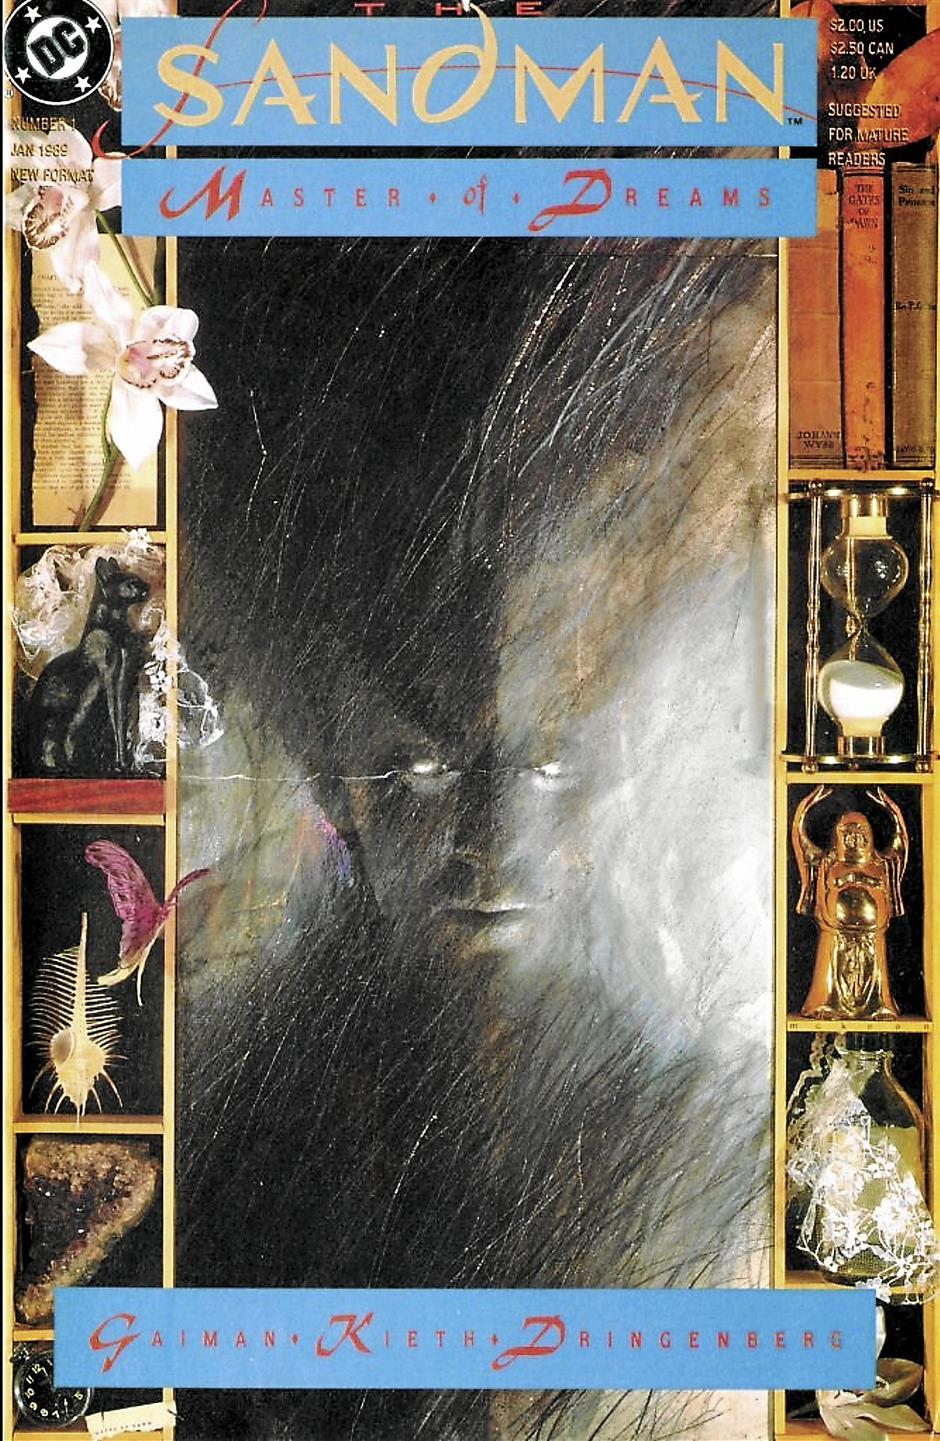 The Sandman #01Writer: Neil GaimanArtists: Sam Keith, Mike DringenbergLetterer: Todd Klein